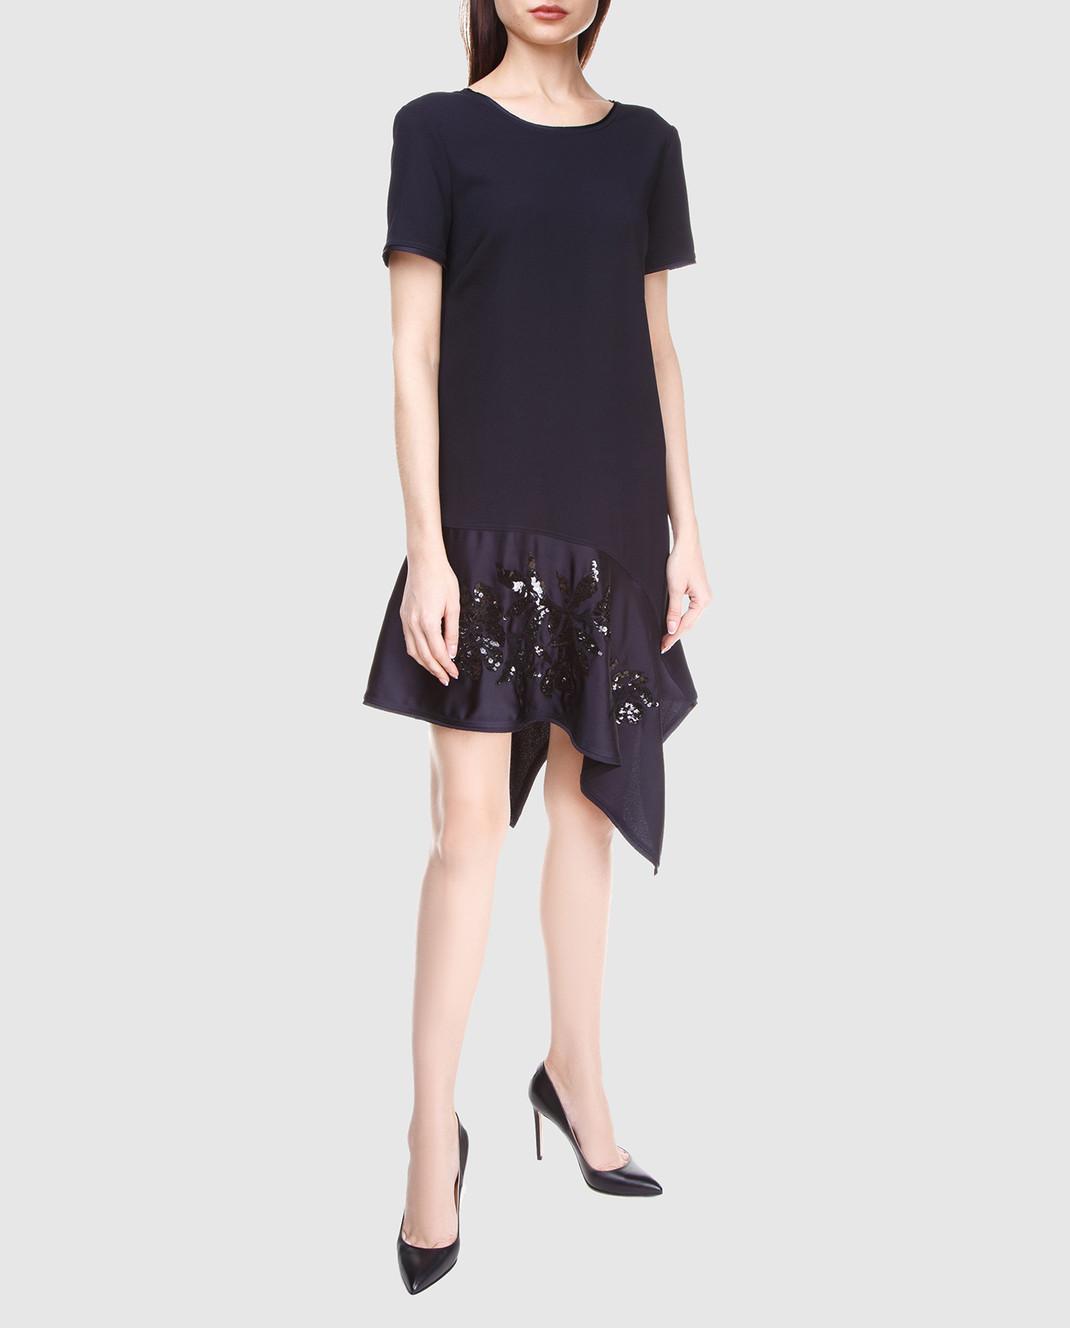 PAROSH Темно-синее платье с вышивкой пайетками D730224R изображение 2